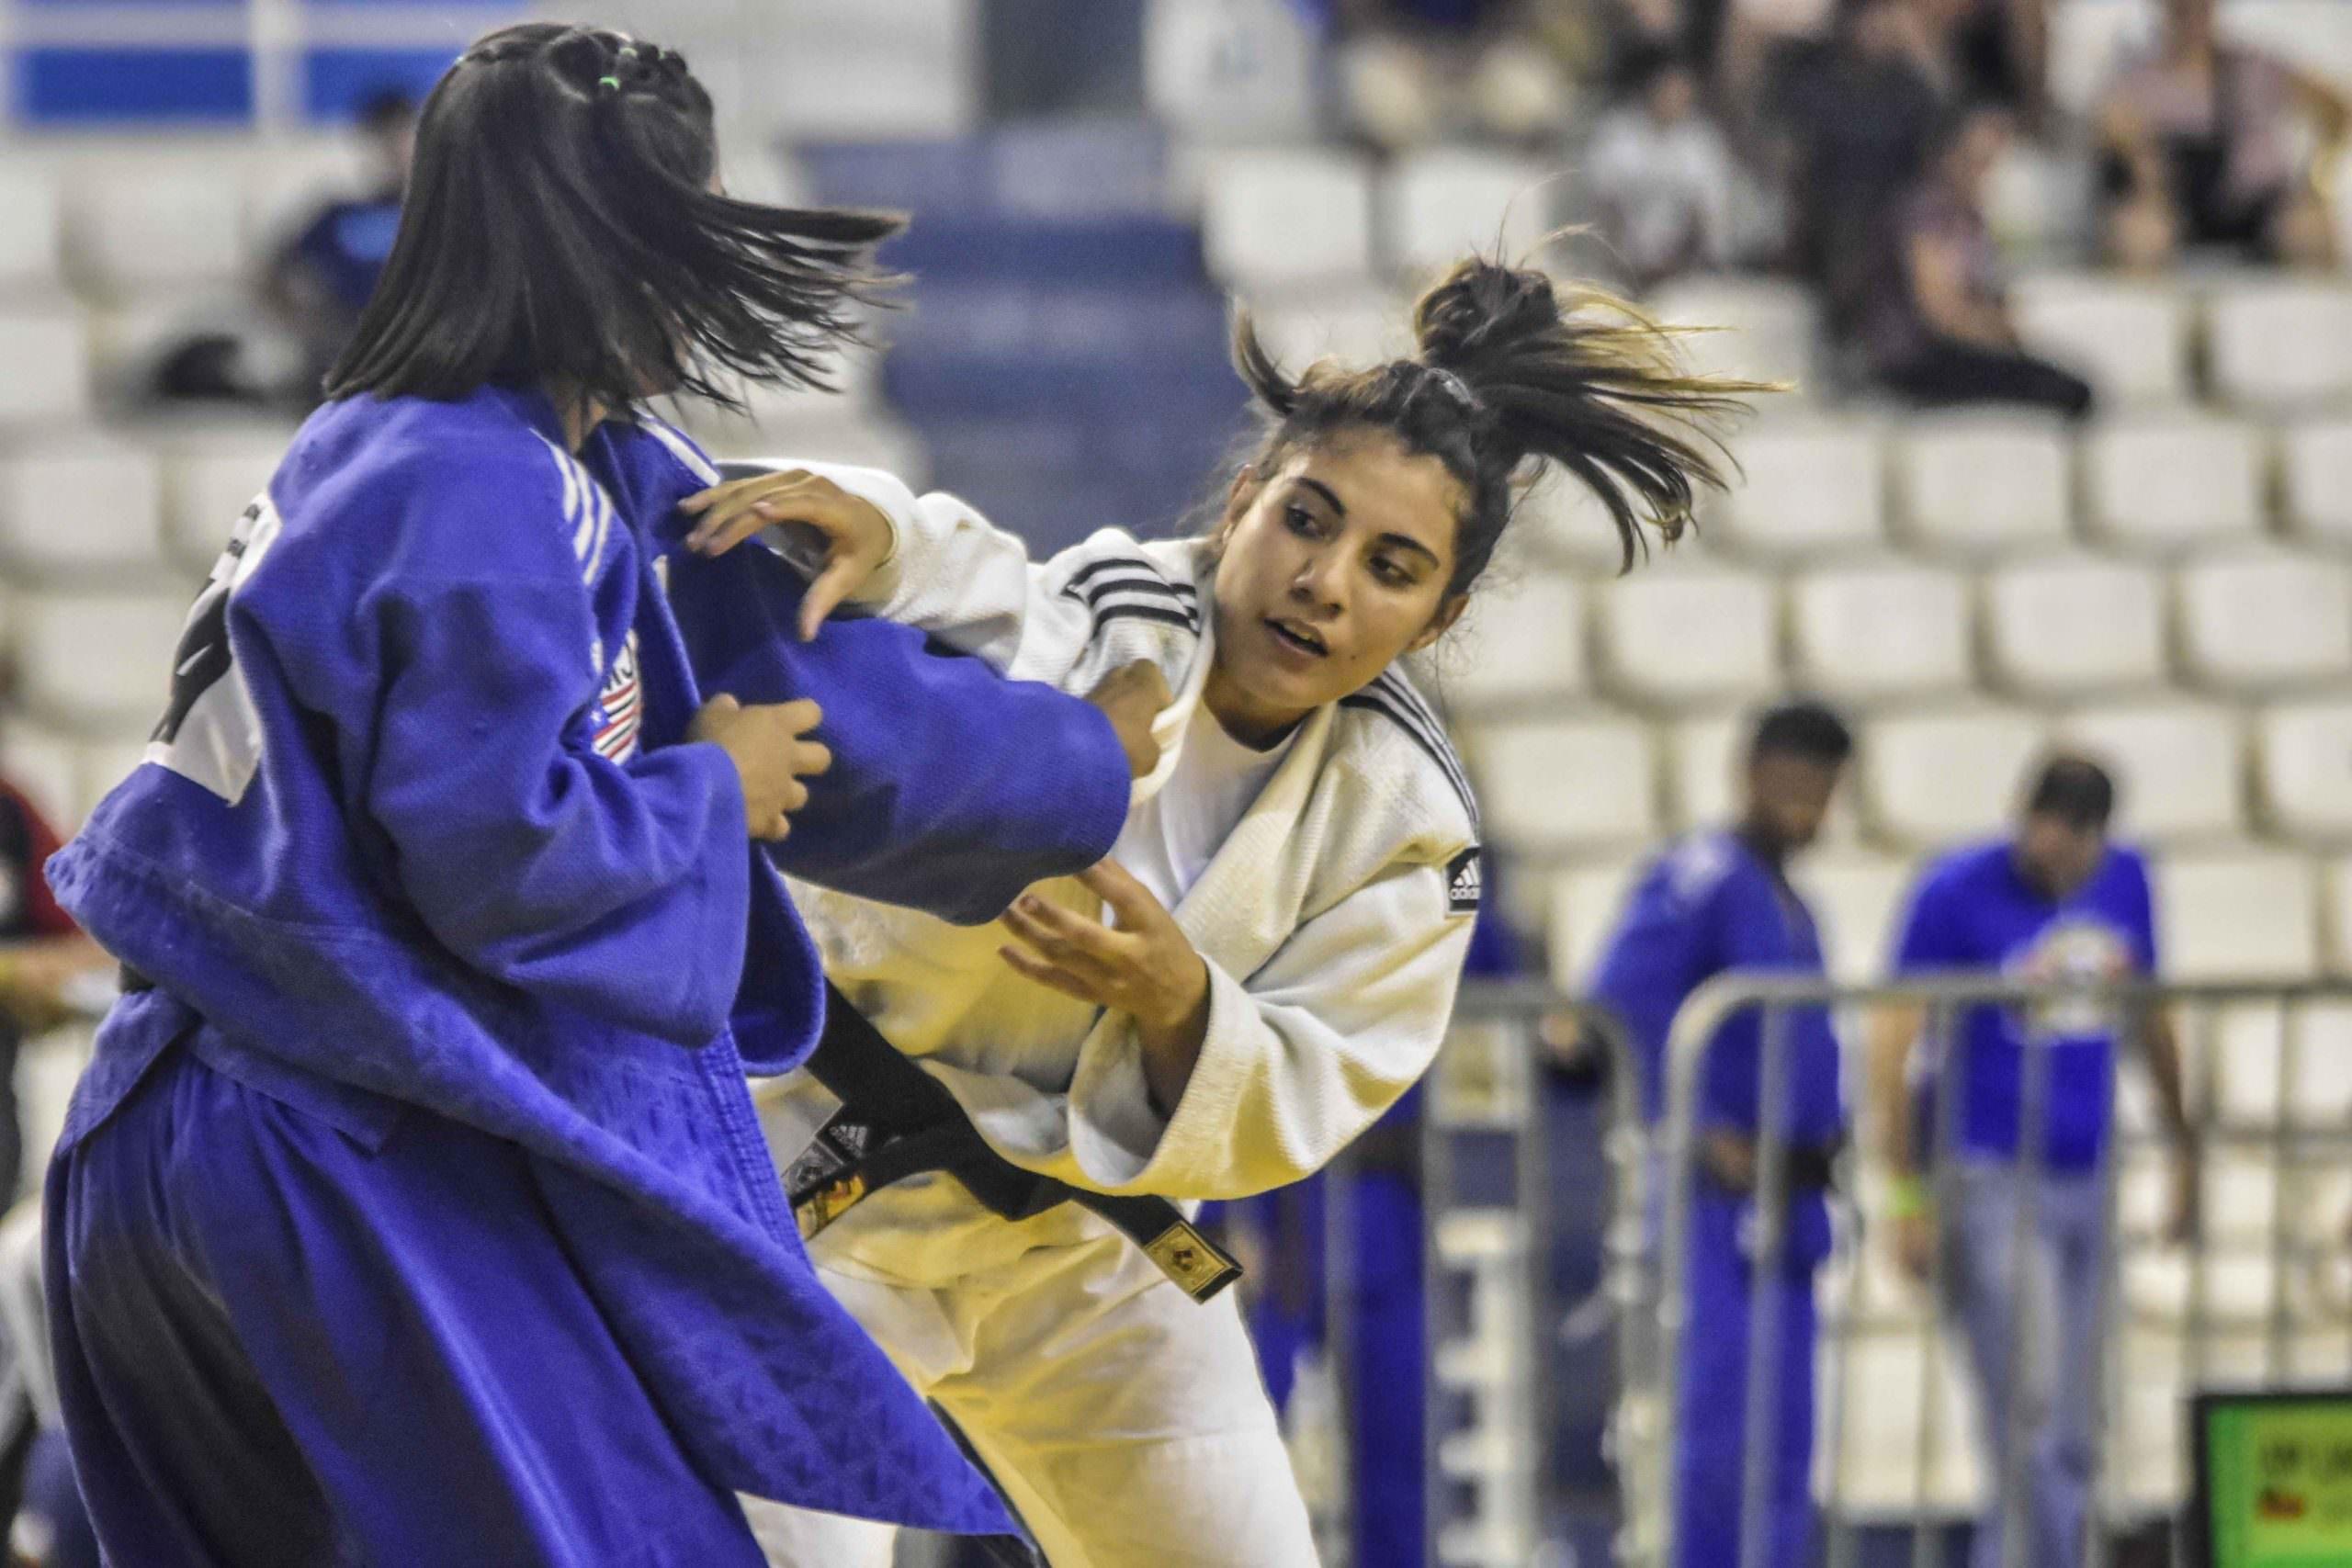 Amazonas conquista 15 medalhas no primeiro dia de Campeonato Brasileiro de Judô-Regional I